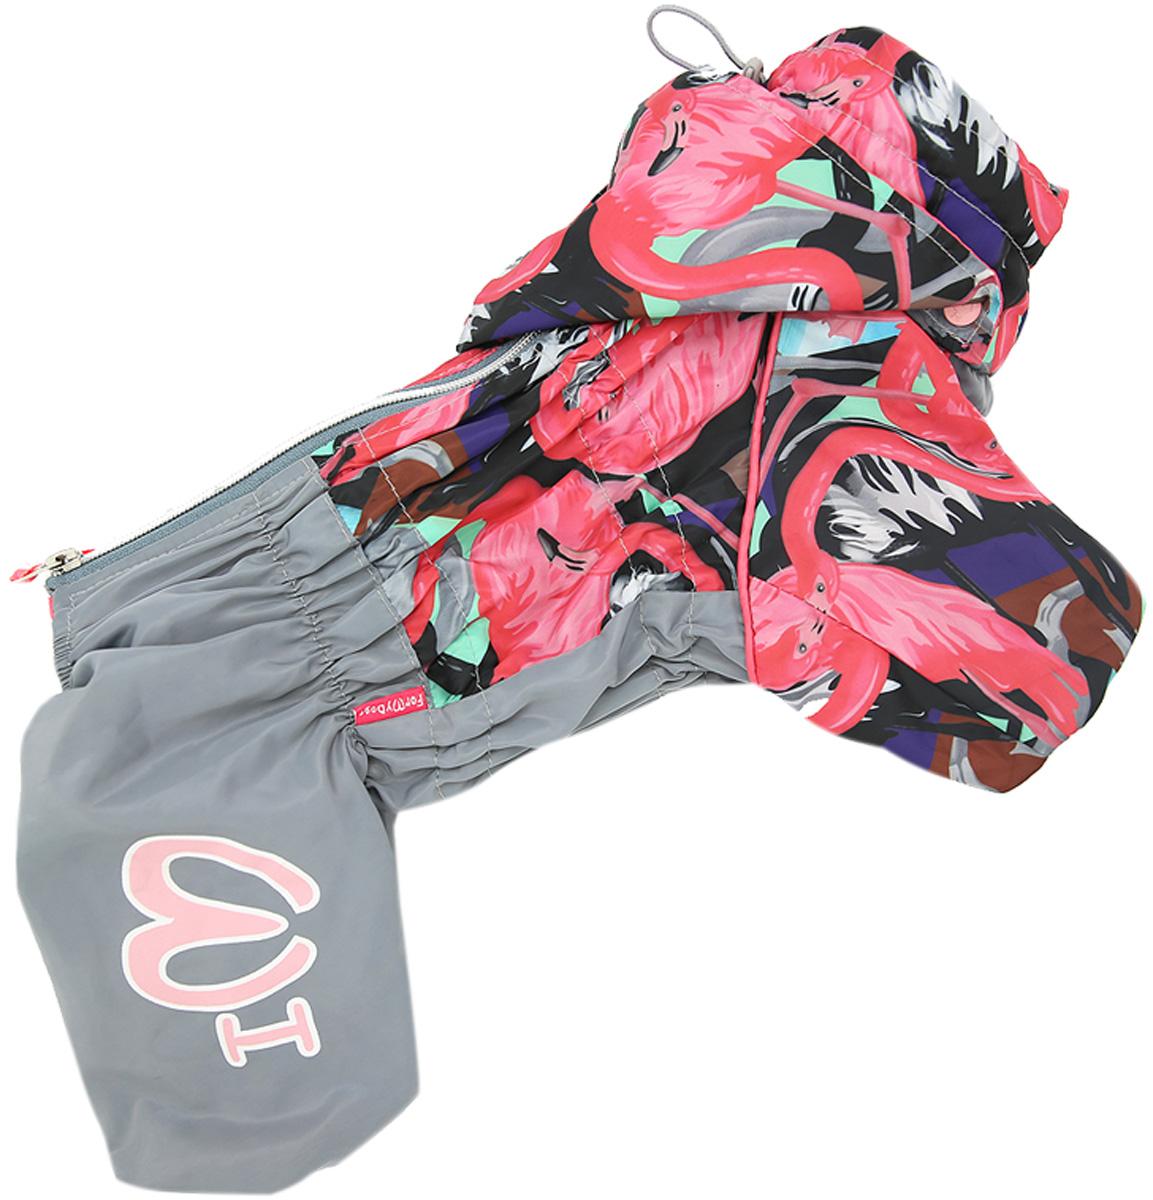 Фото - For My Dogs дождевик для собак Фламинго серо/розовый для девочек 422ss-2020 F (22) for my dogs дождевик для собак листья бордовый для девочек 341ss 2018 f 22